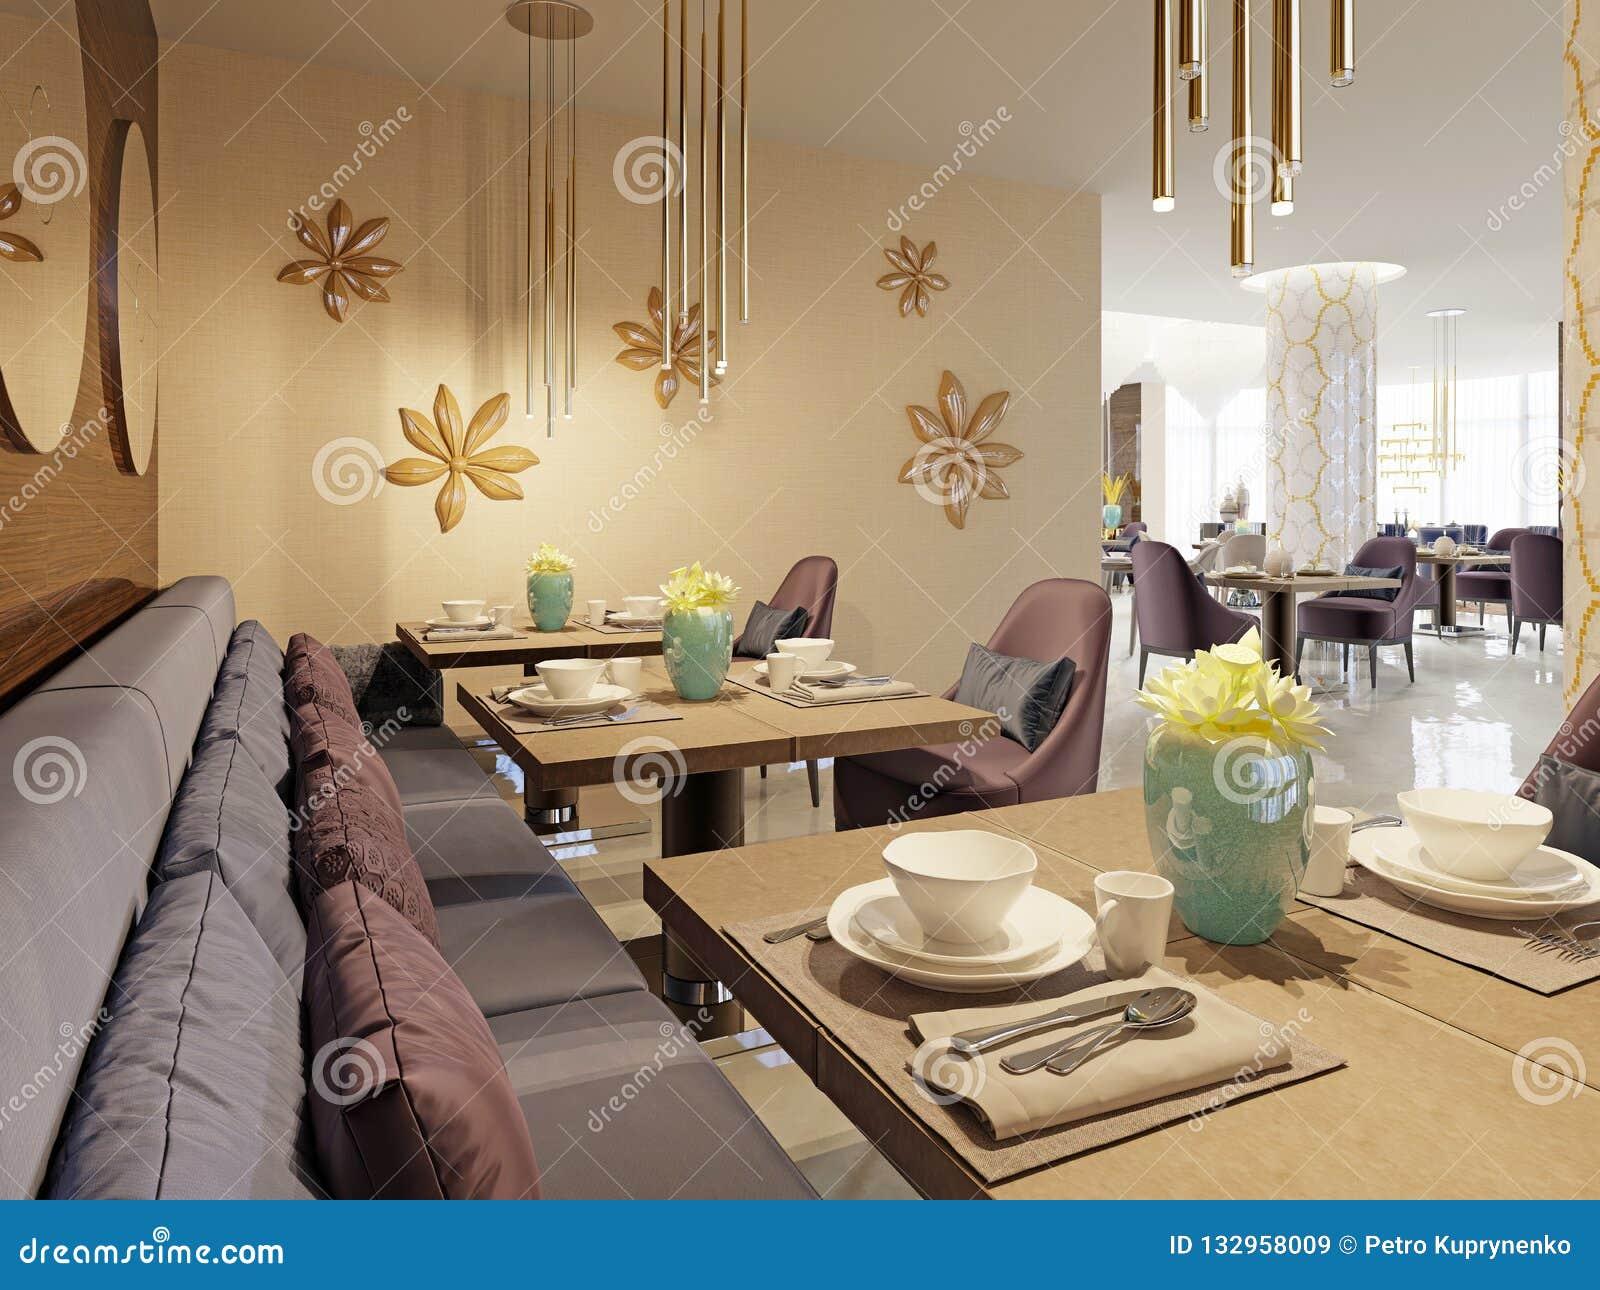 El restaurante lujoso en el hotel tiene un diseño interior moderno, butacas suaves y tablas servidas